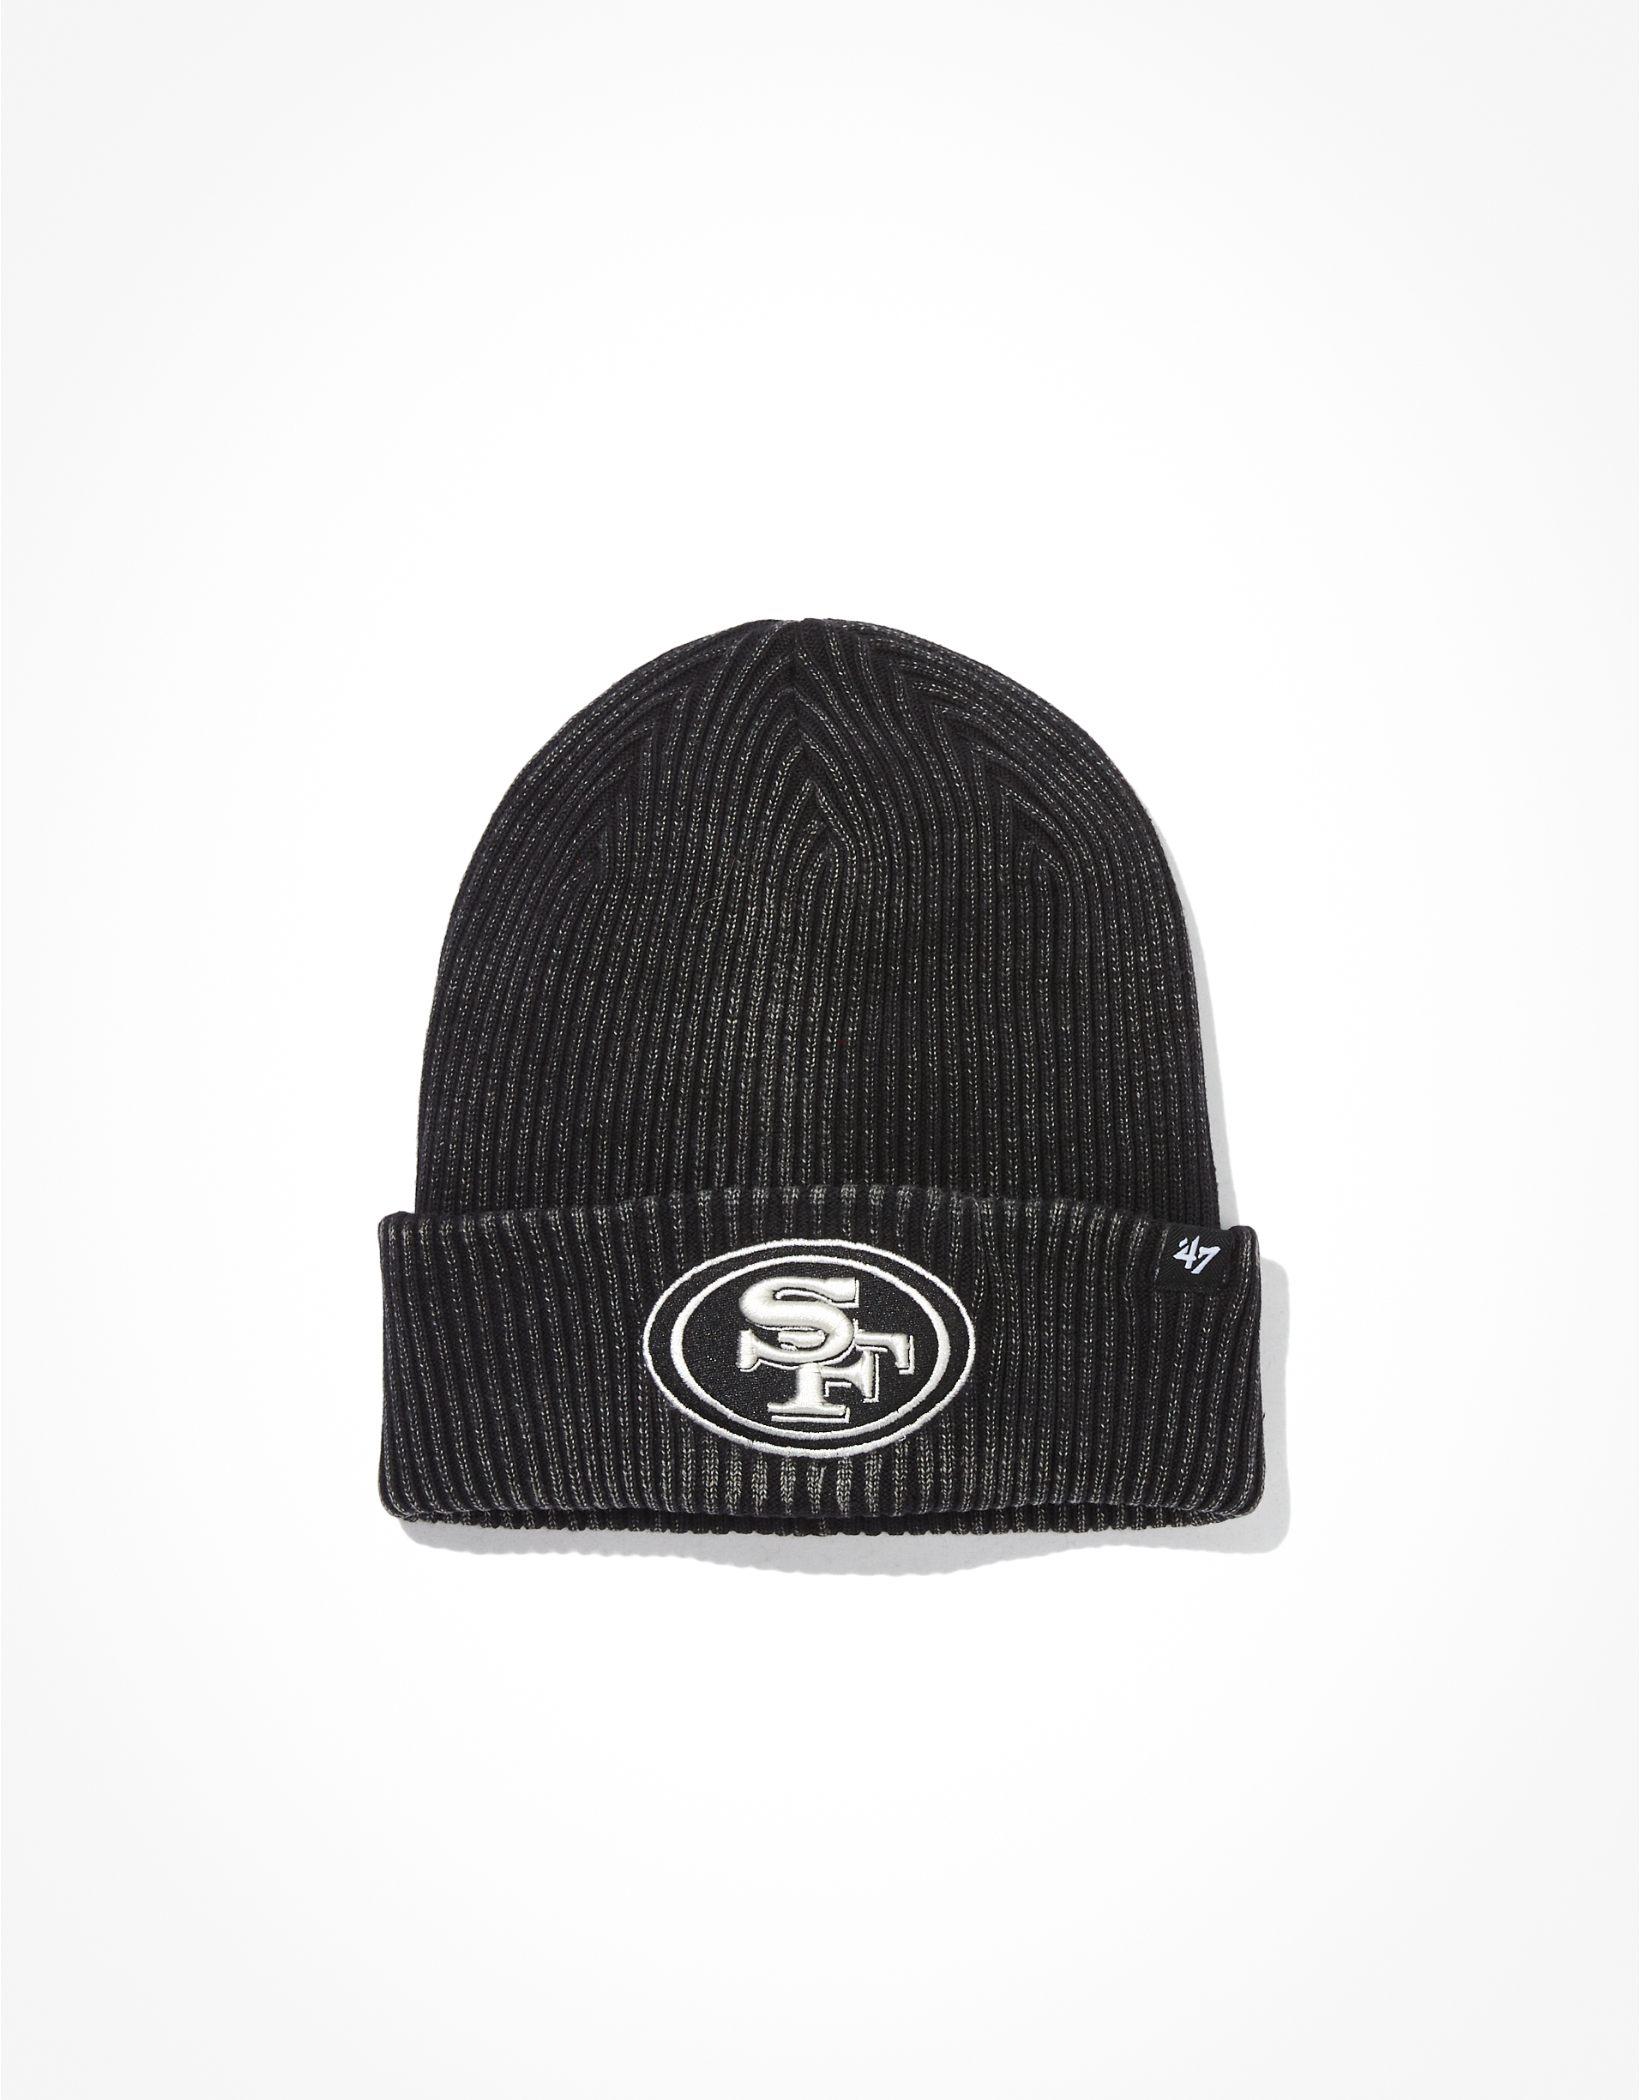 '47 San Francisco 49ers Knit Beanie